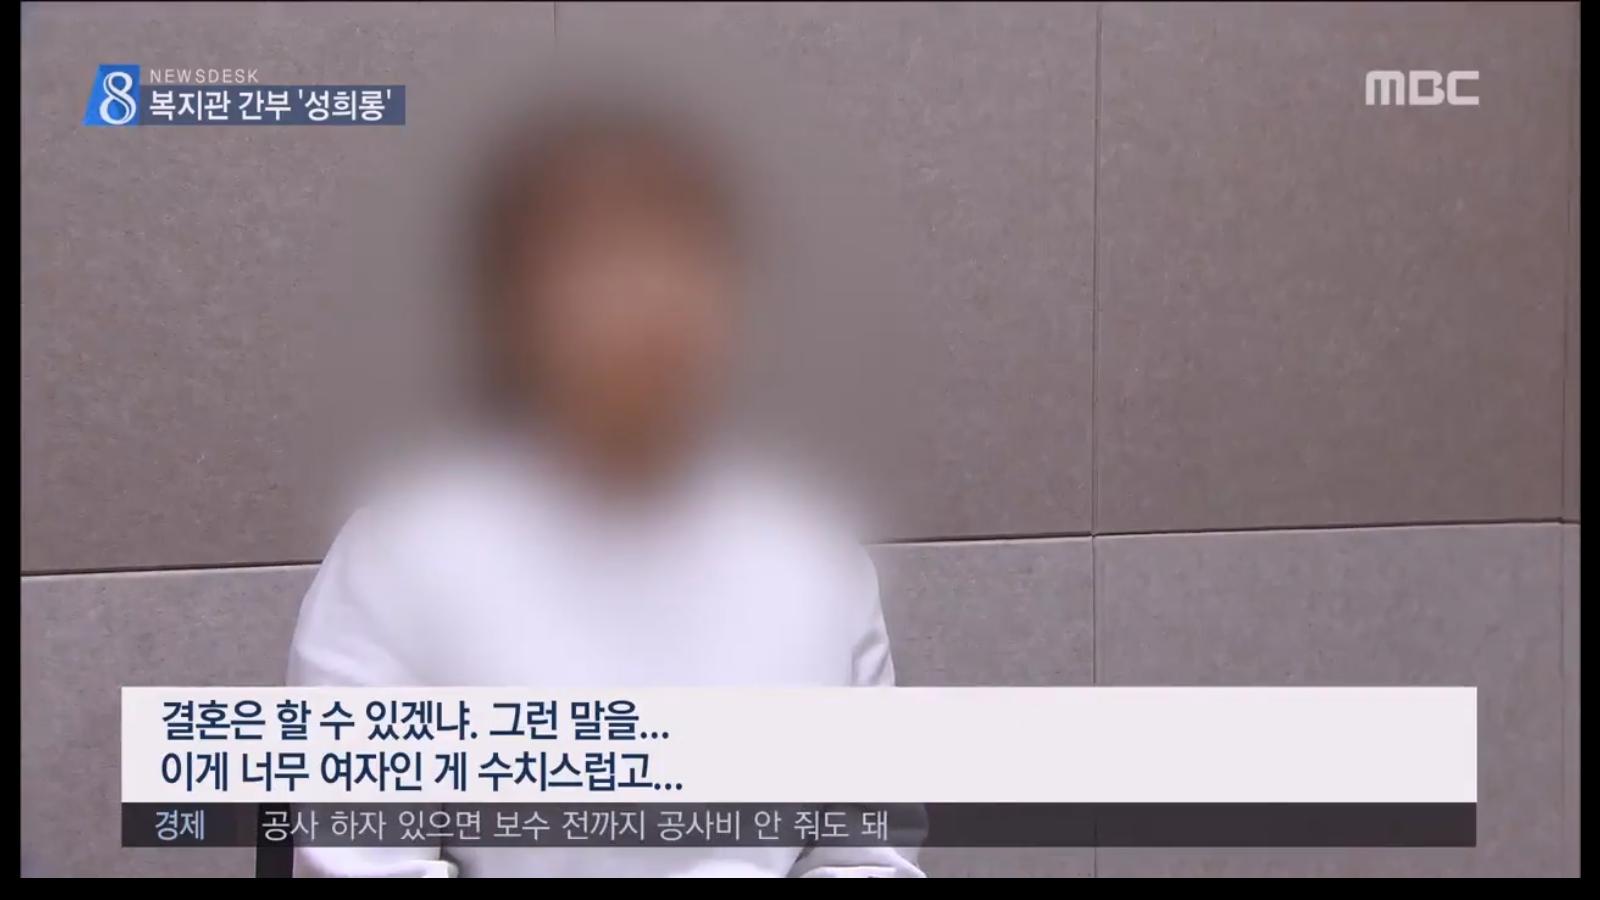 [18.4.17 전주MBC] 전주장애인종합복지관 의혹, 성희롱, 갑질 당했다3.jpg